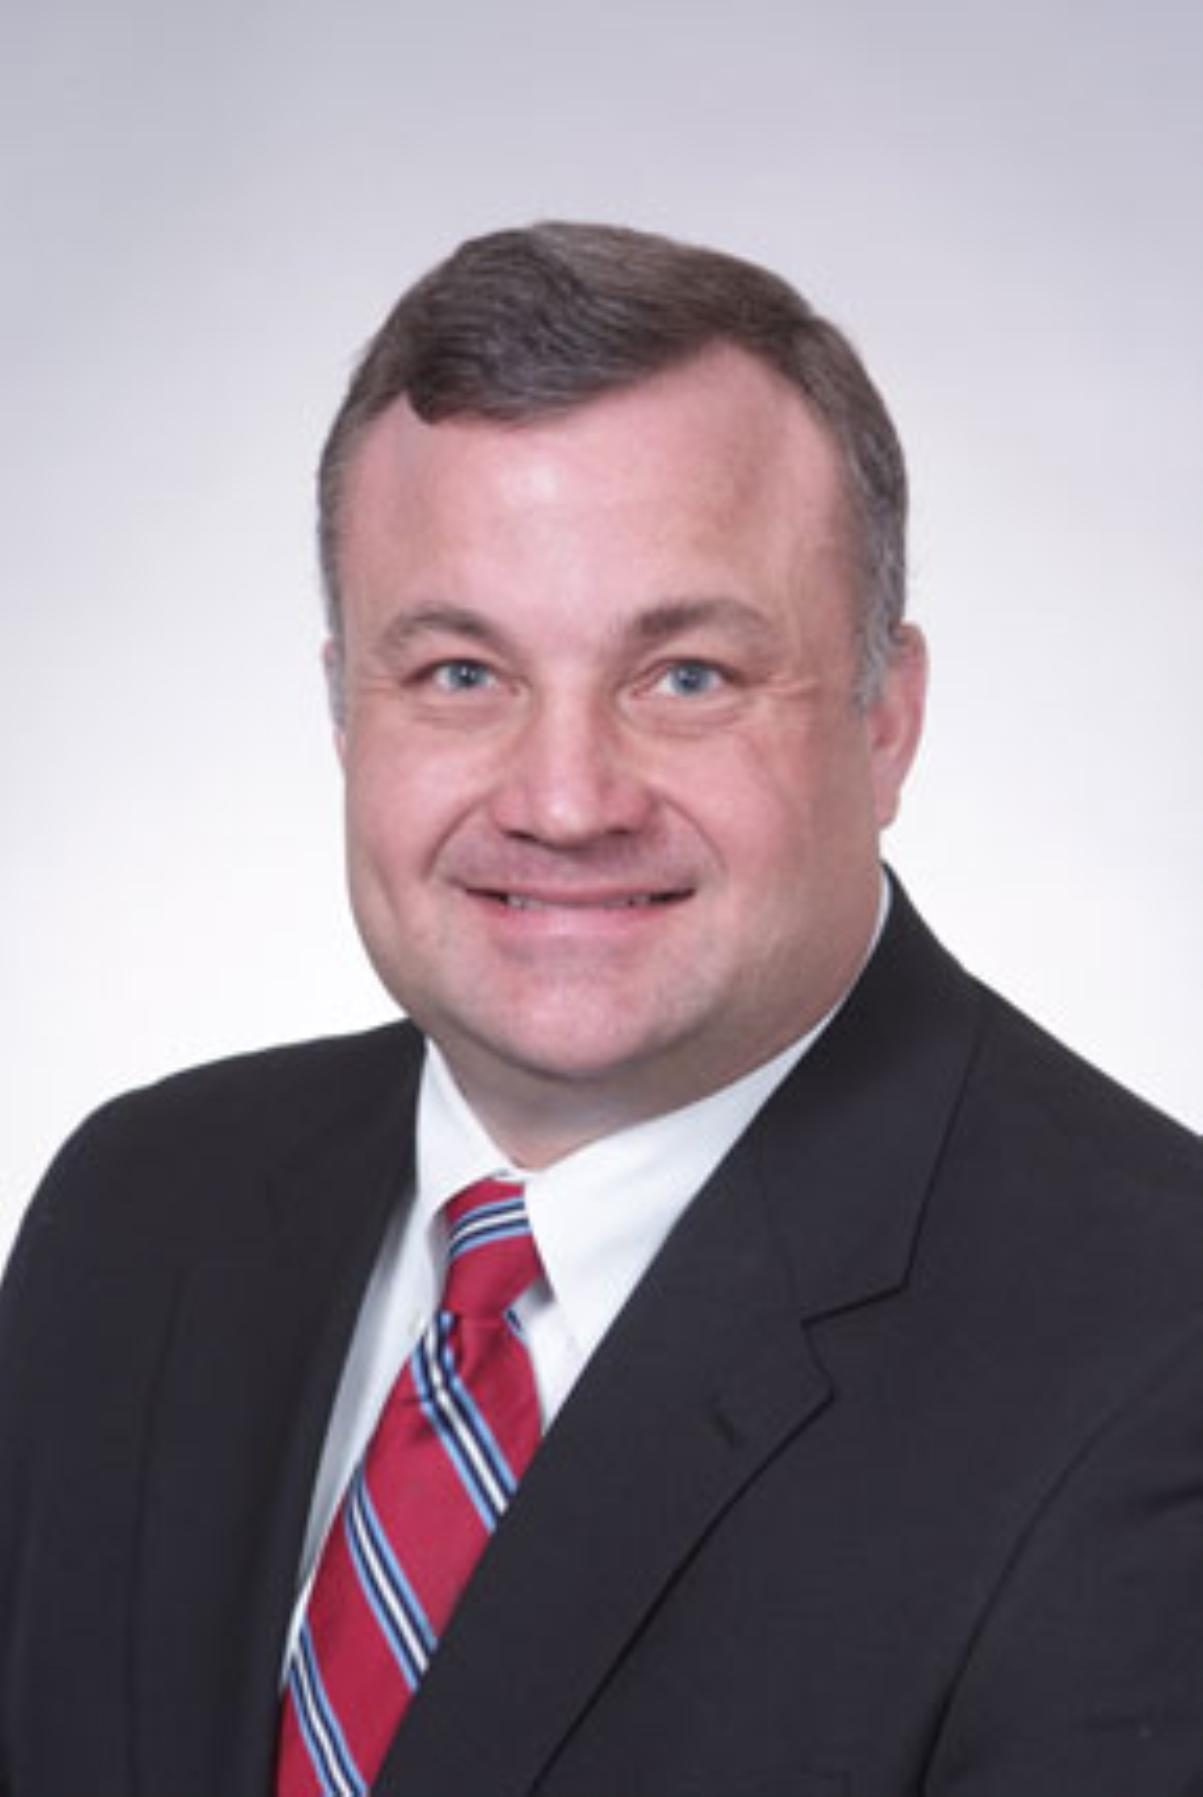 John Rickert